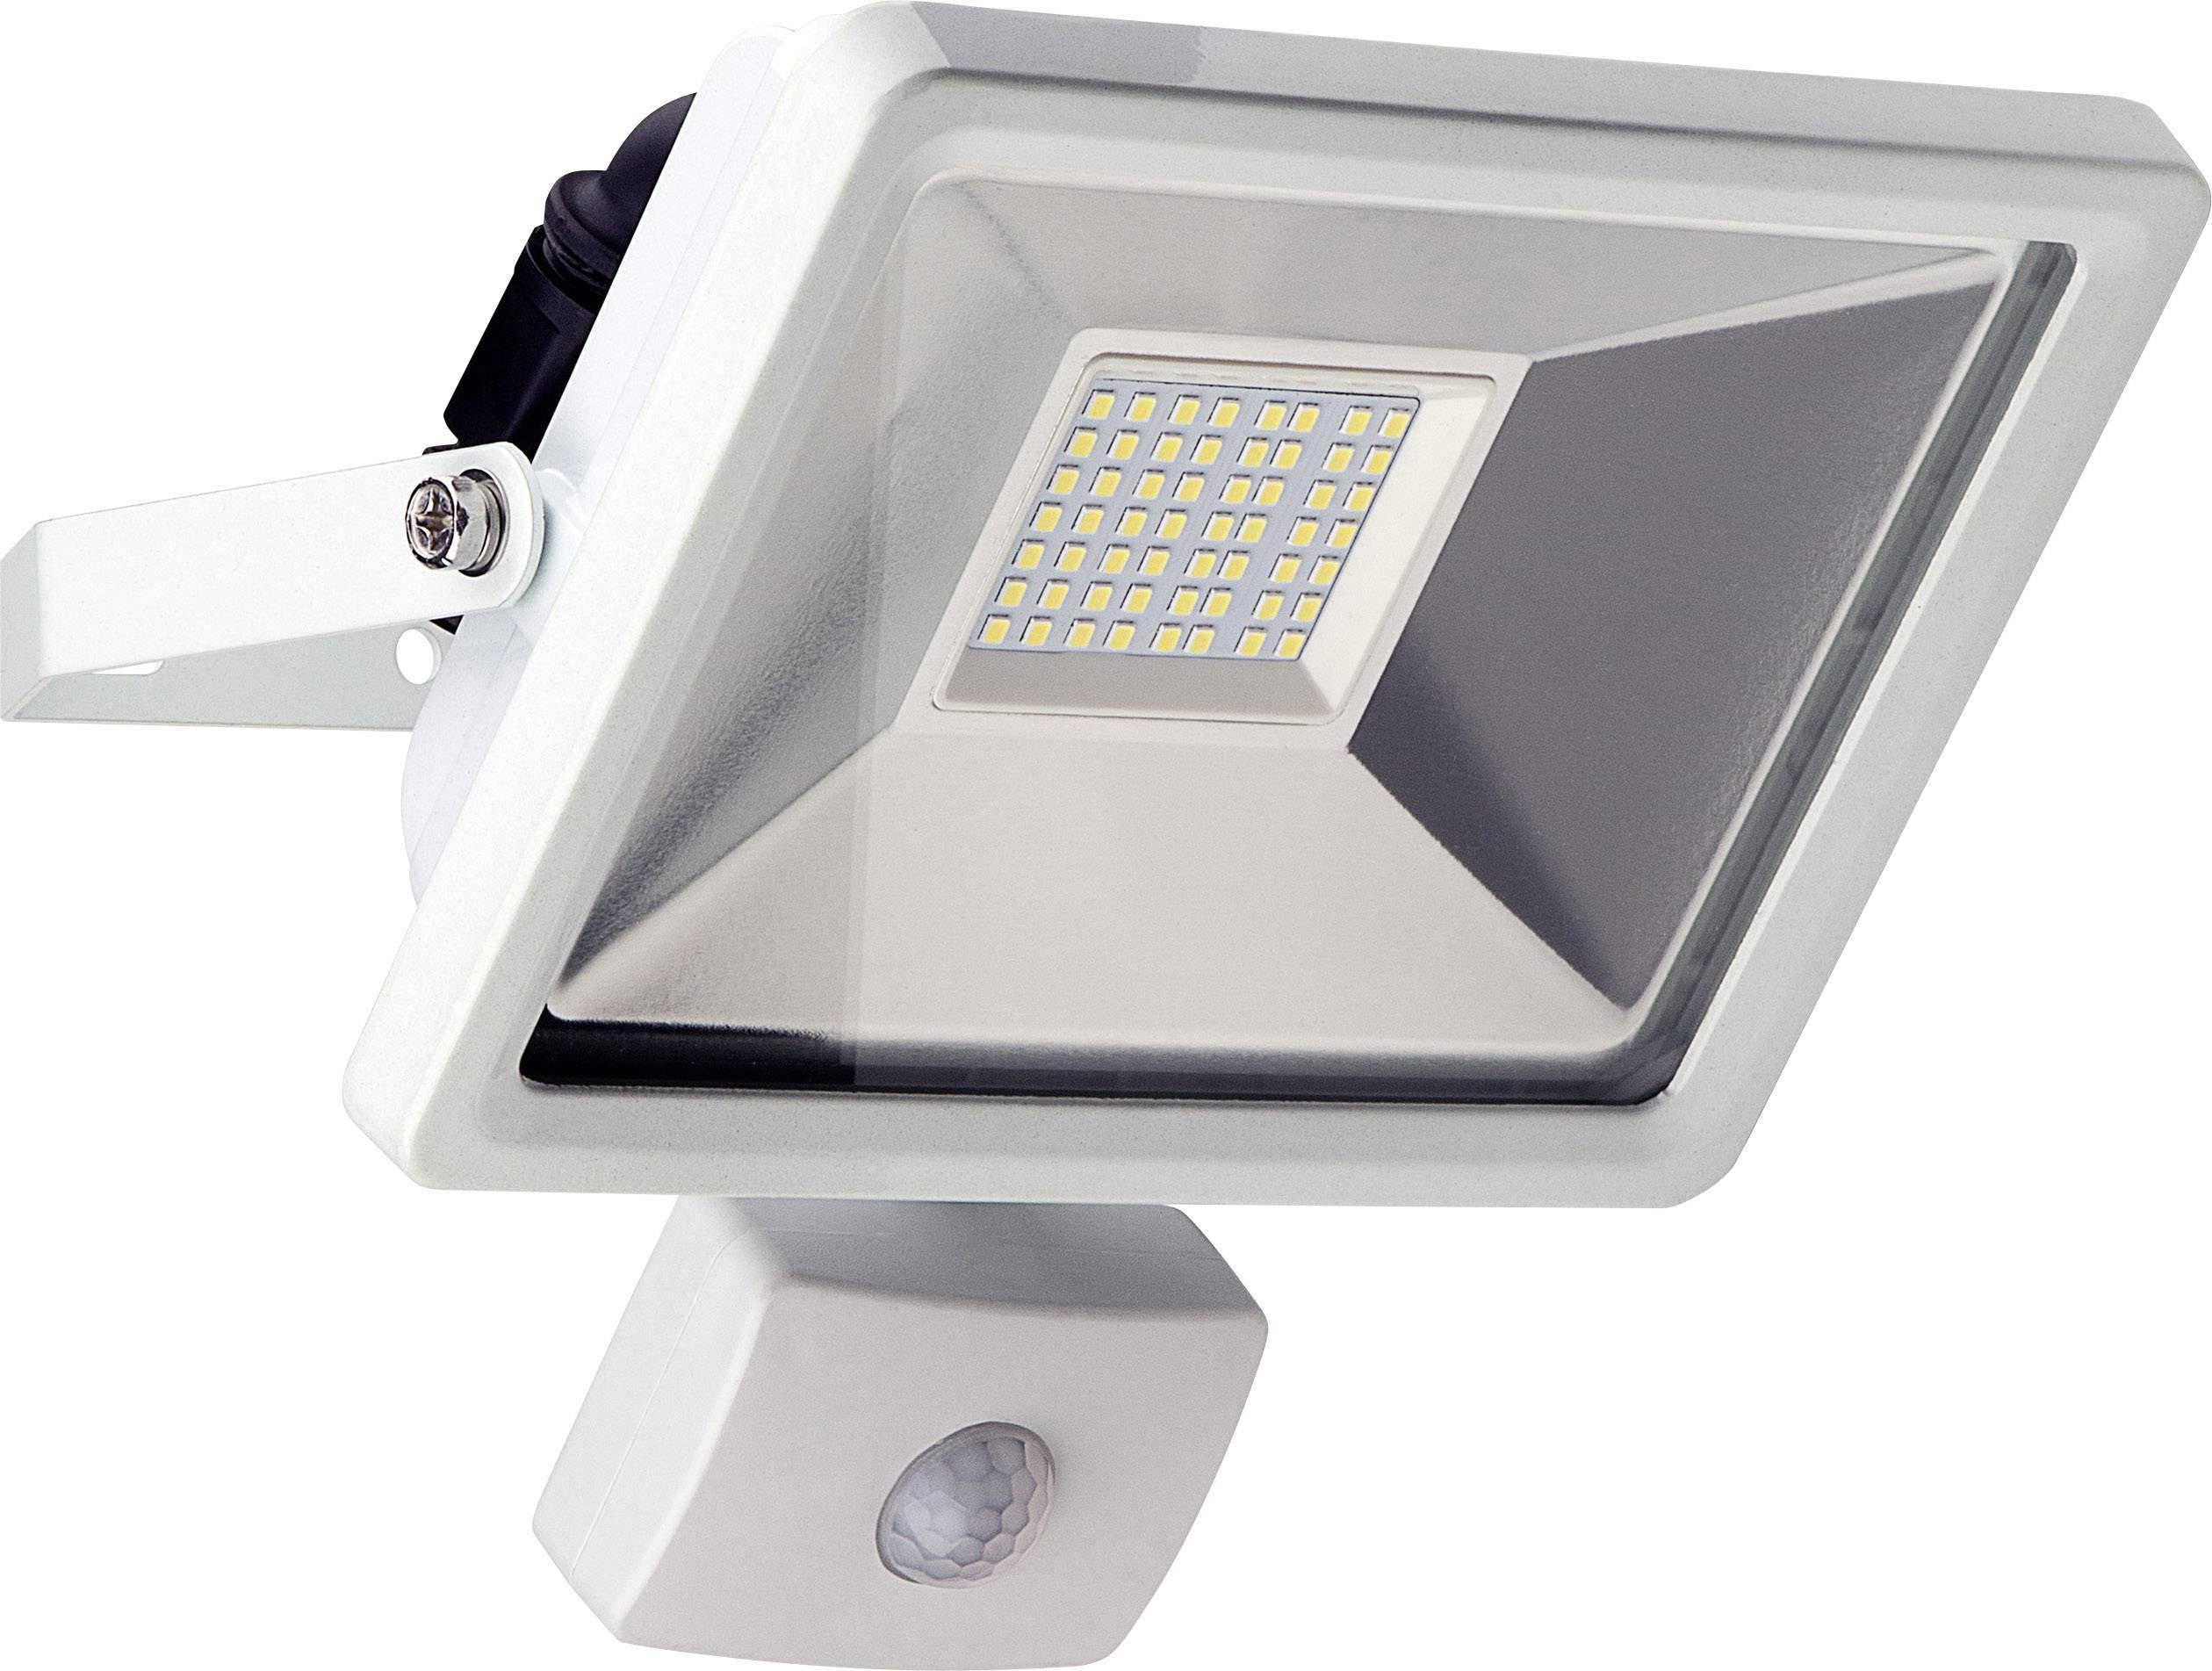 Plafoniera Da Esterno Con Crepuscolare : Plafoniere da esterno con sensore di movimento auron faretto led